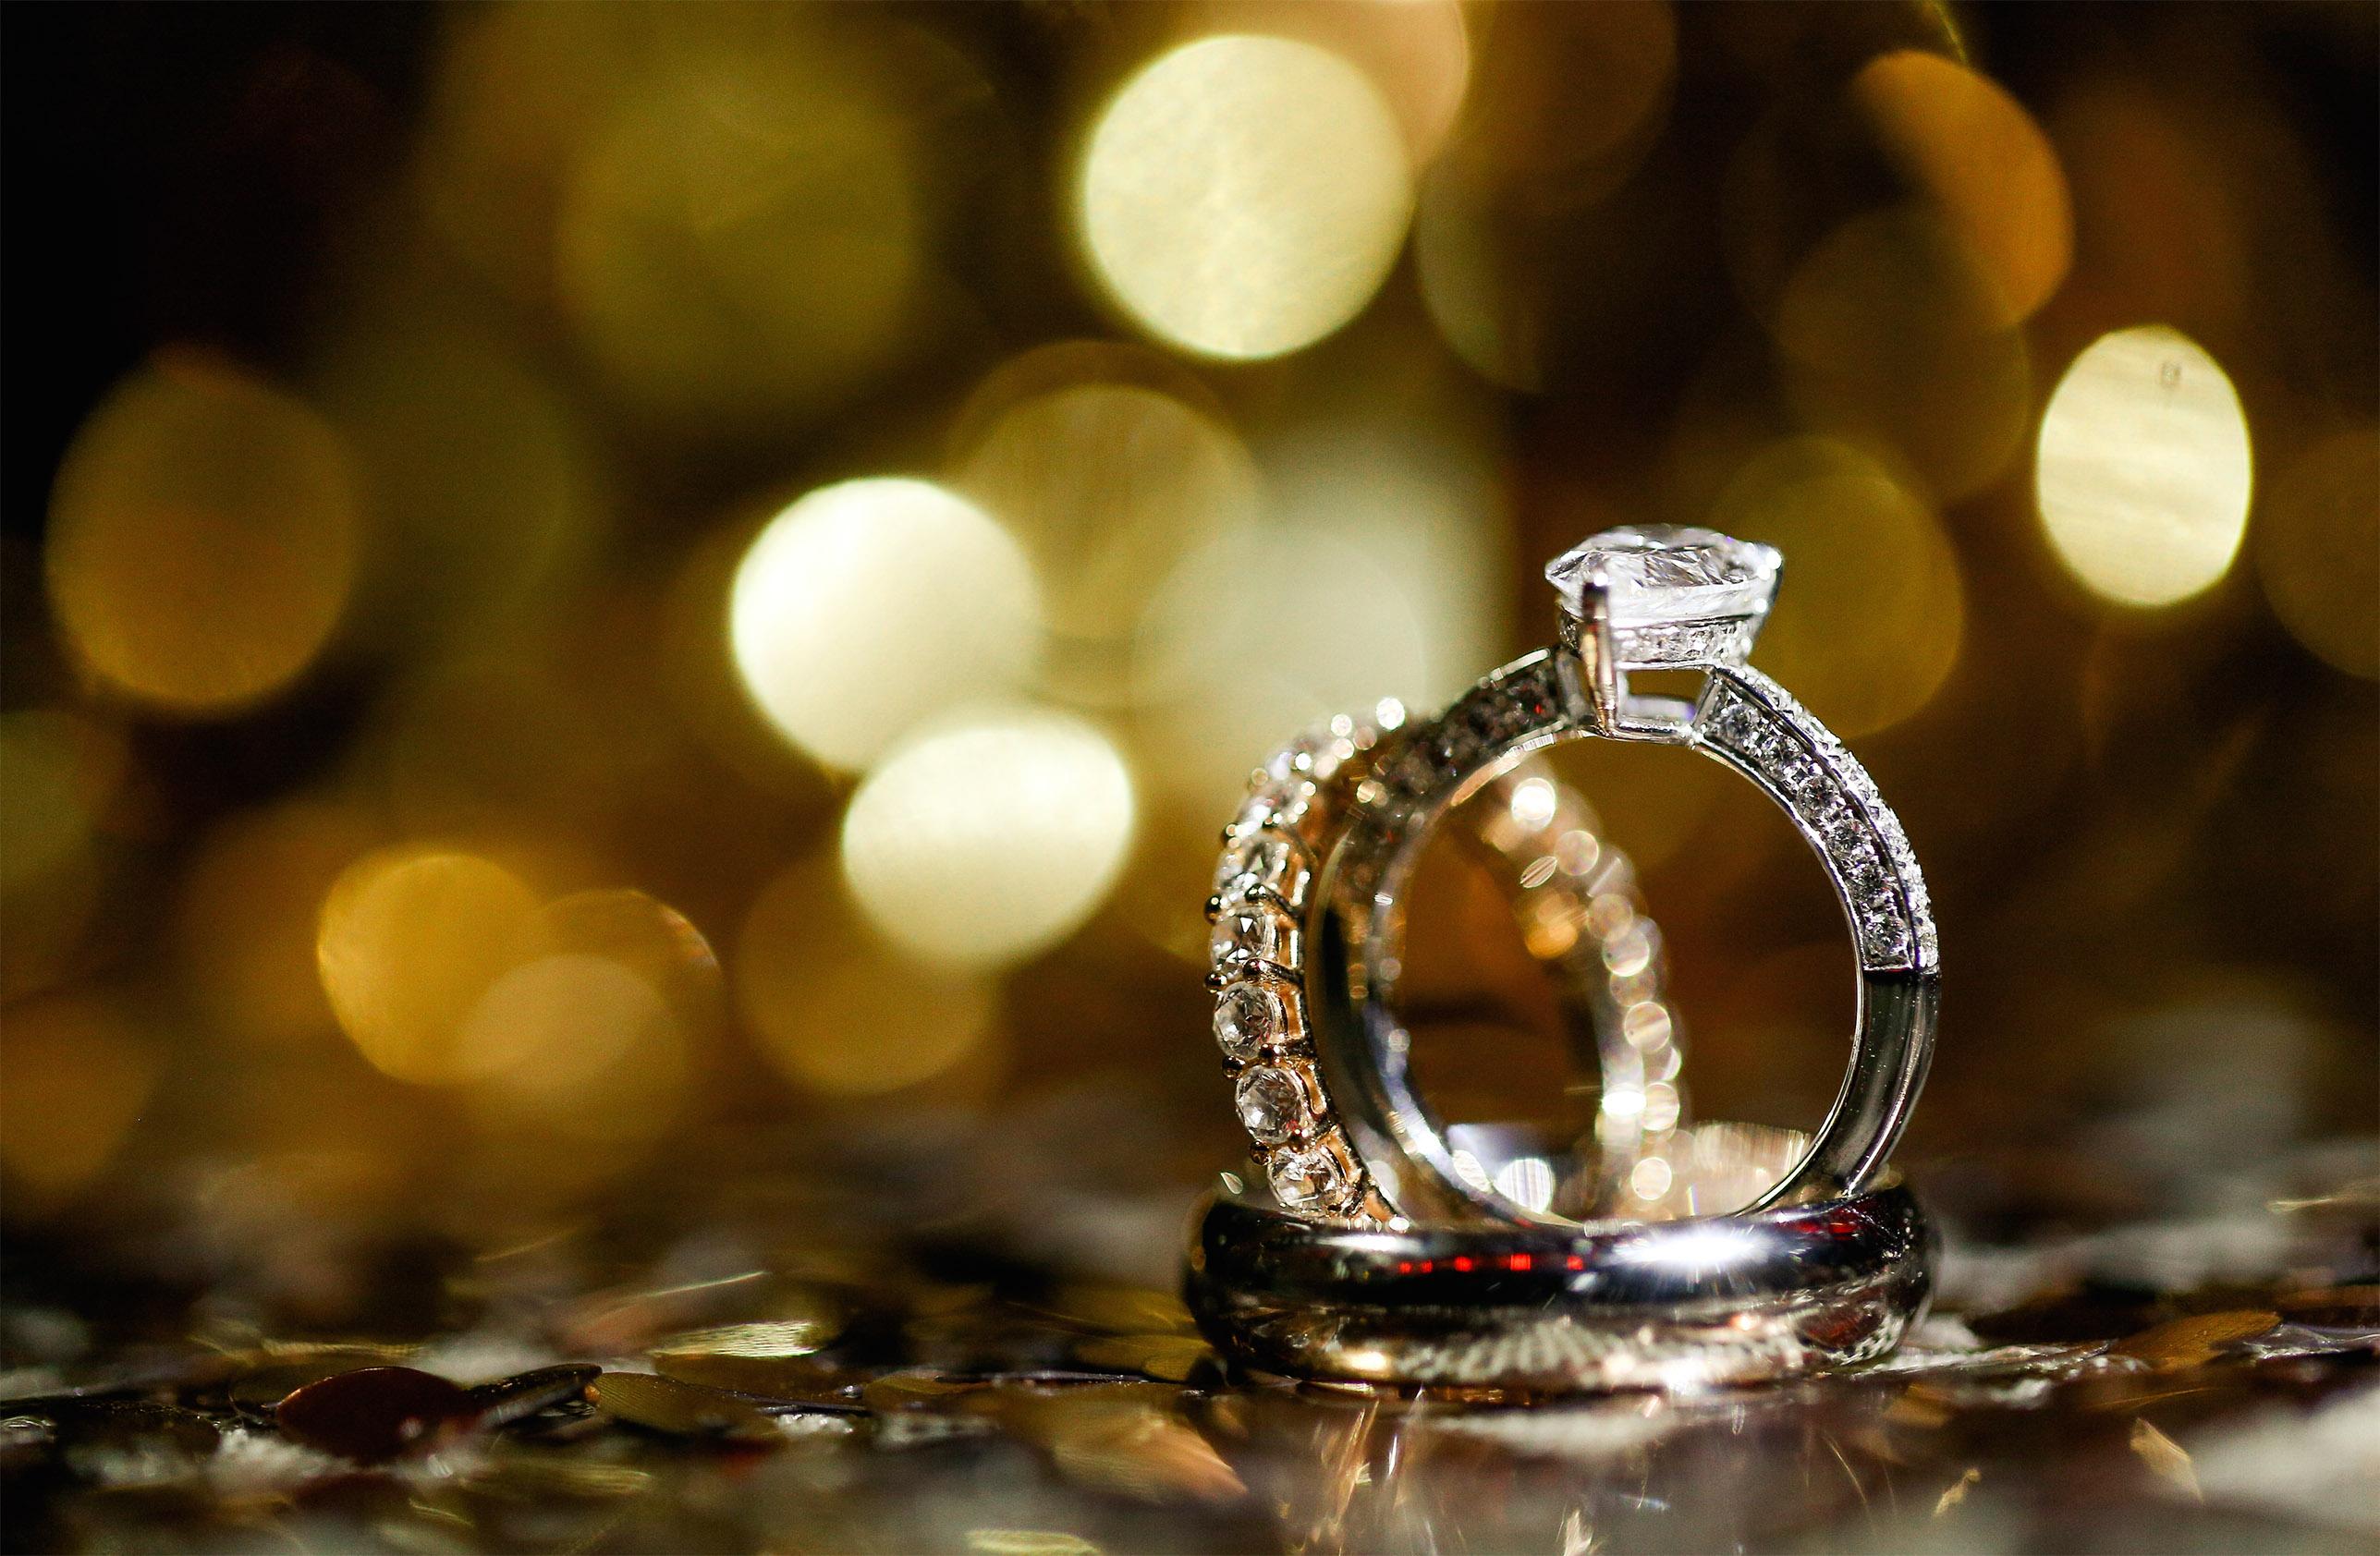 Pair of diamond wedding rings